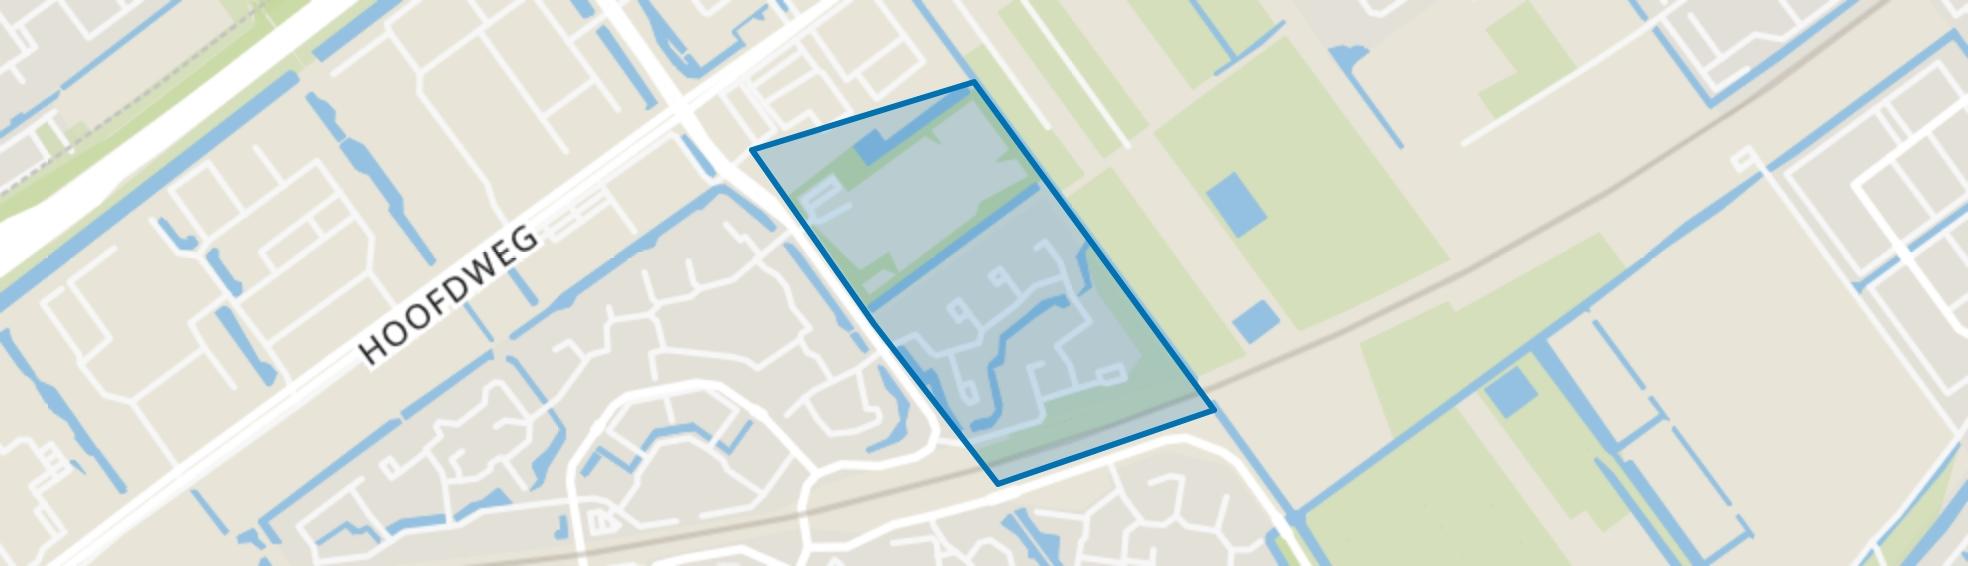 Tuinenbuurt, Capelle aan den IJssel map